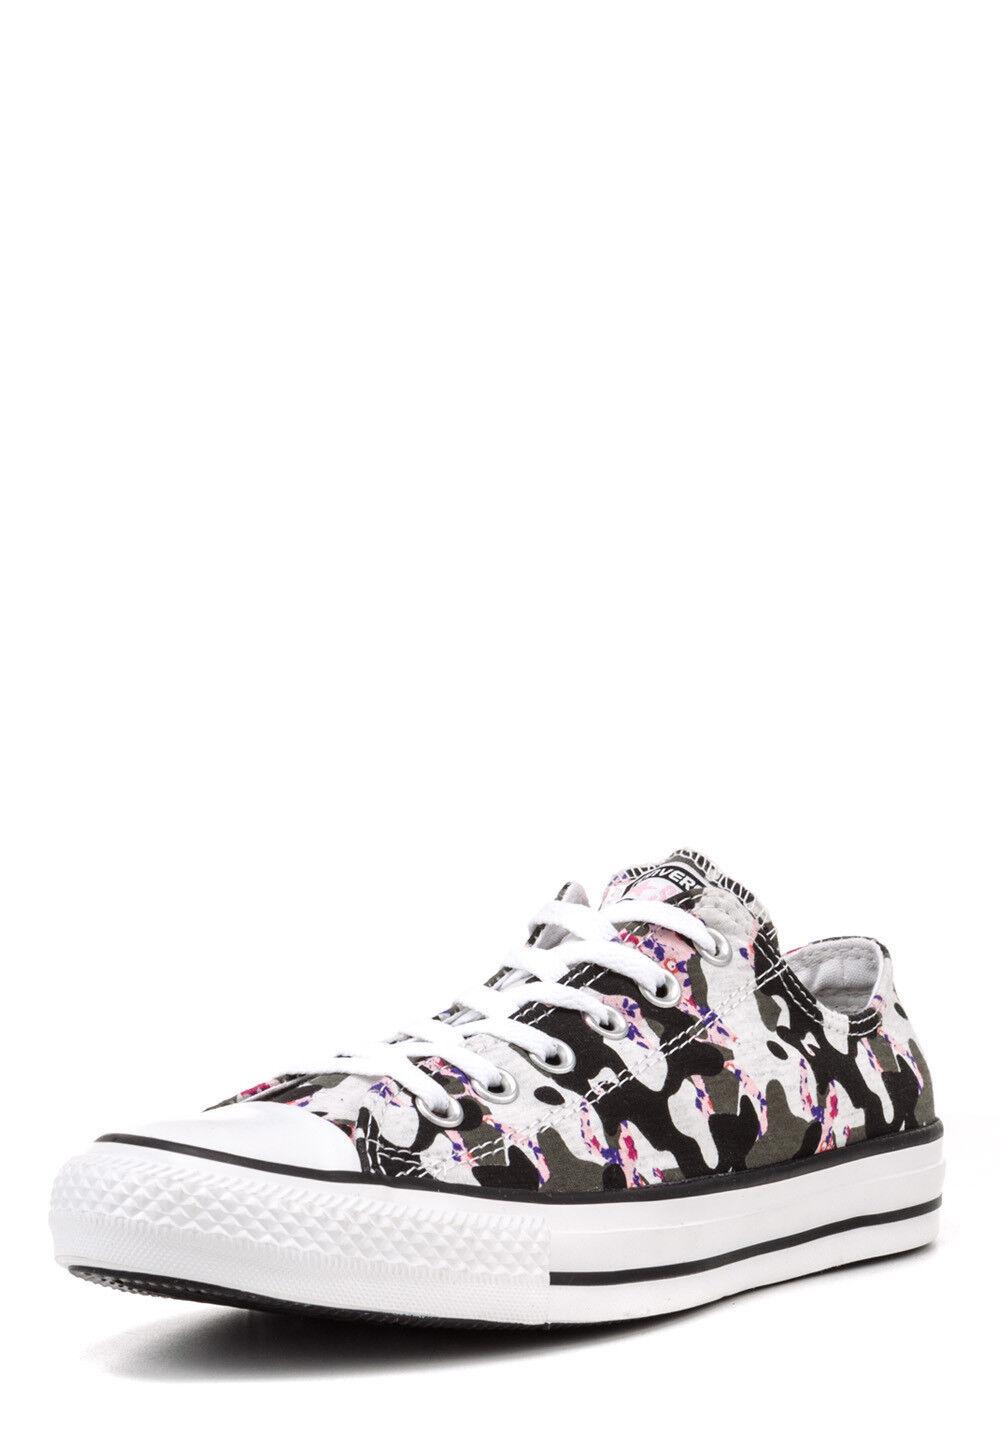 Details zu CONVERSE Sneaker Schuhe Chucks All Star CT OX Gr 38 39 Schwarz NEU